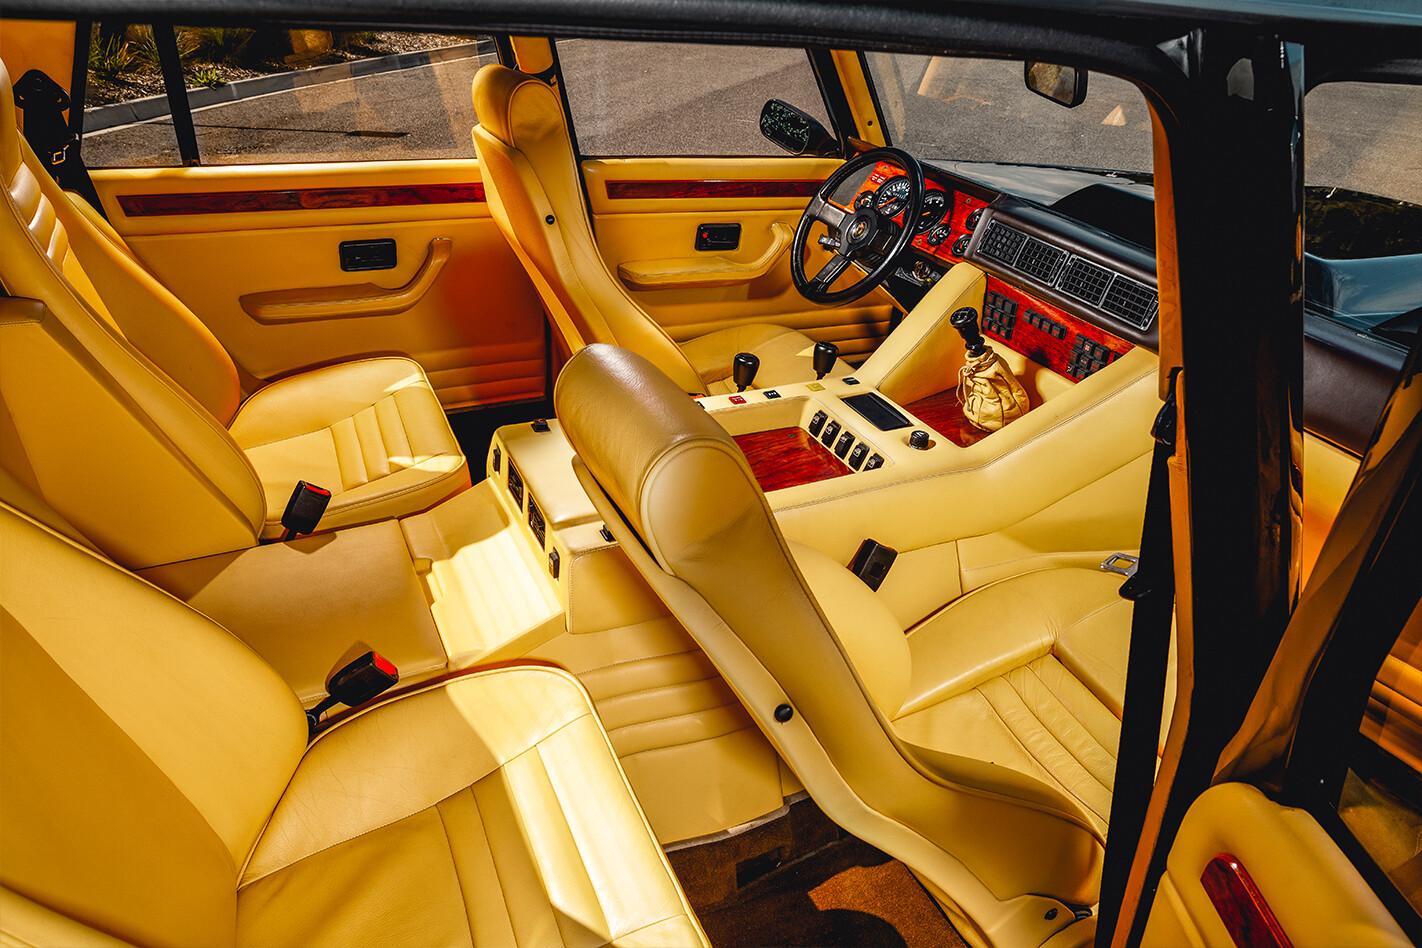 Lamborghini LM 002 Interior Jpg